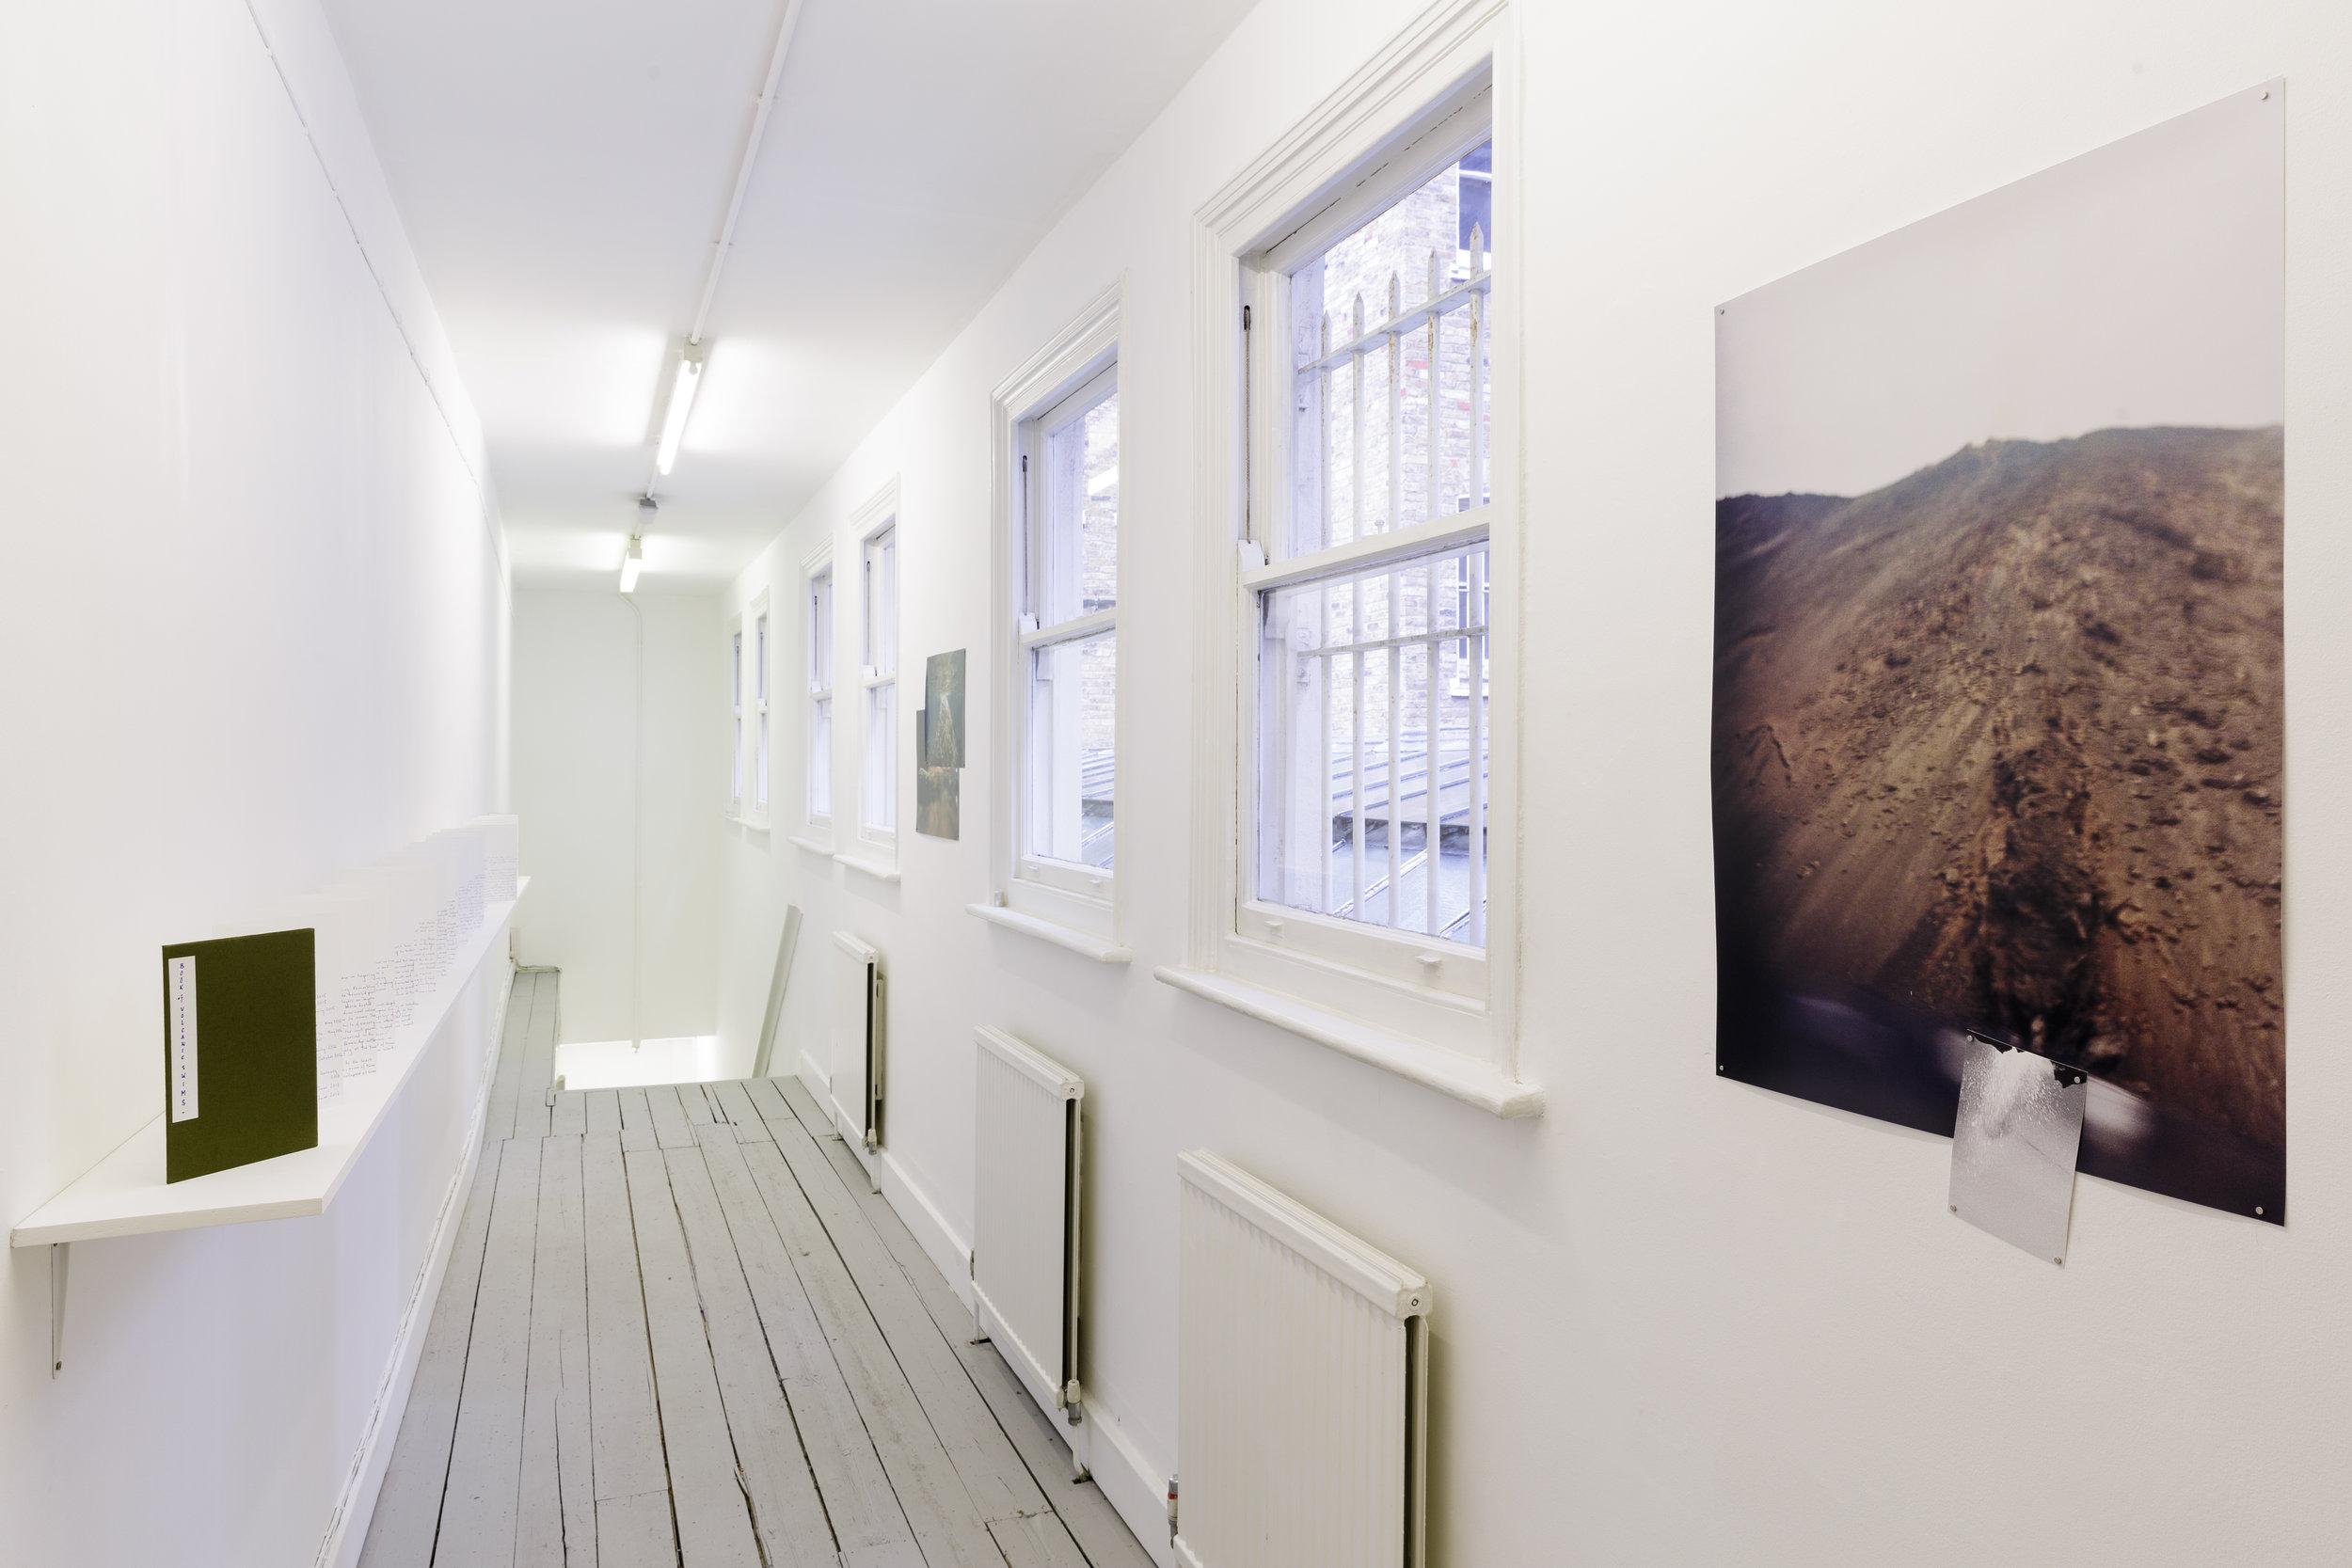 Installation view. Photo: Tim Bowditch.